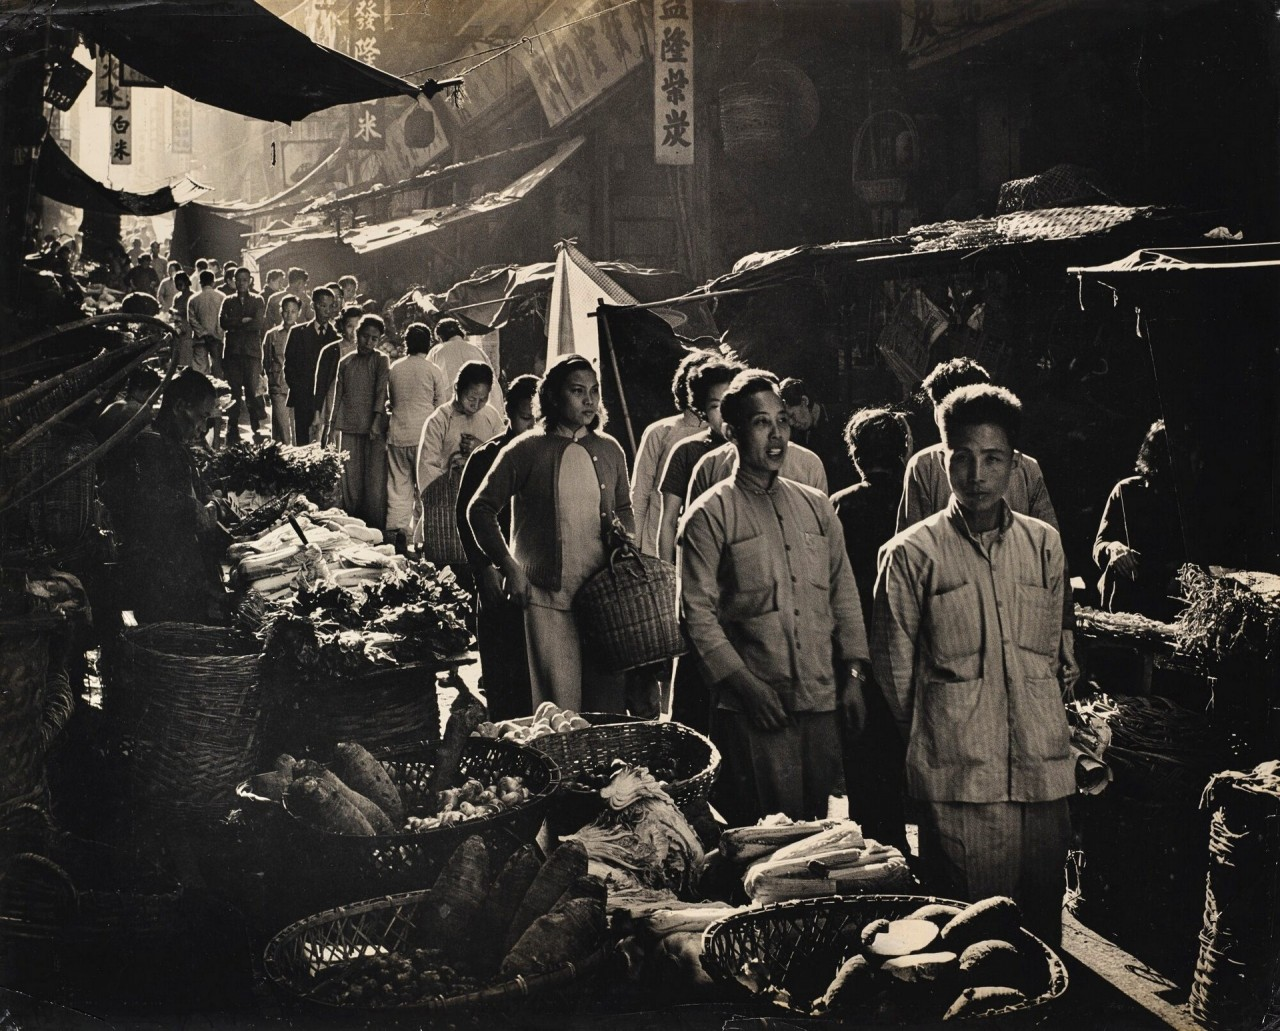 Рыночное шествие, Гонконг, 1963. Автор Фан Хо